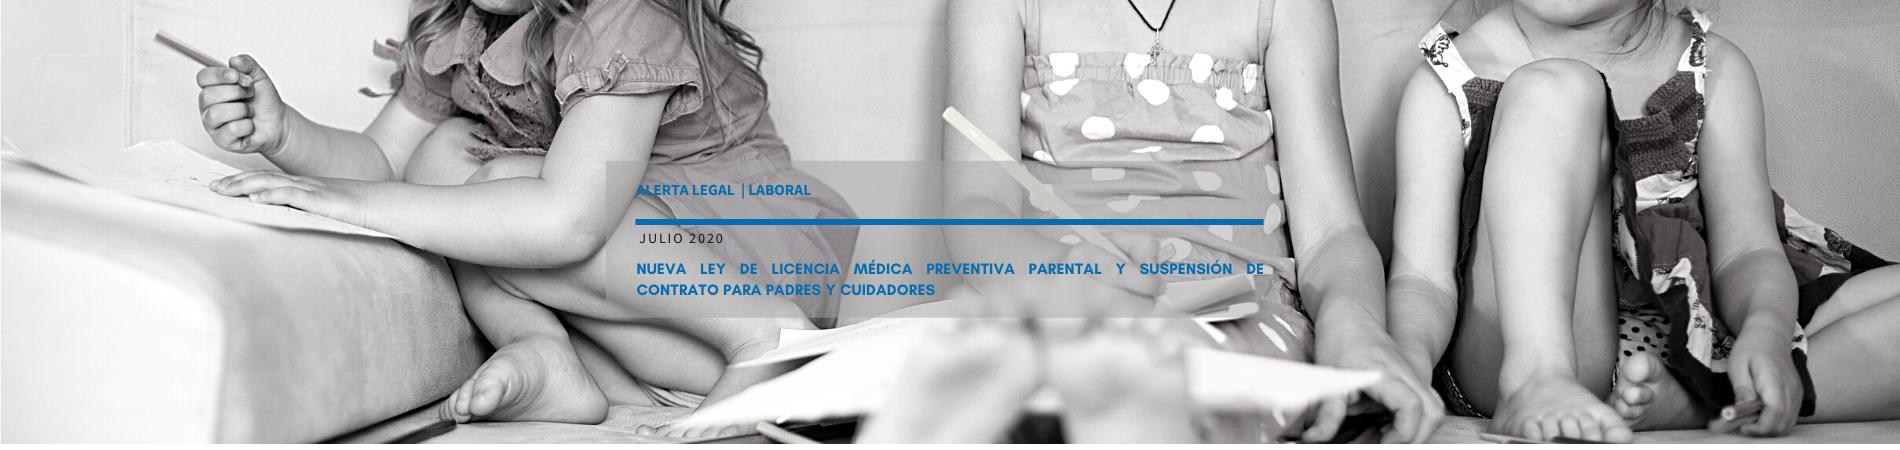 Alerta Legal Laboral | Nueva Ley de Licencia Médica Preventiva Parental y suspensión de contrato para padres y cuidadores